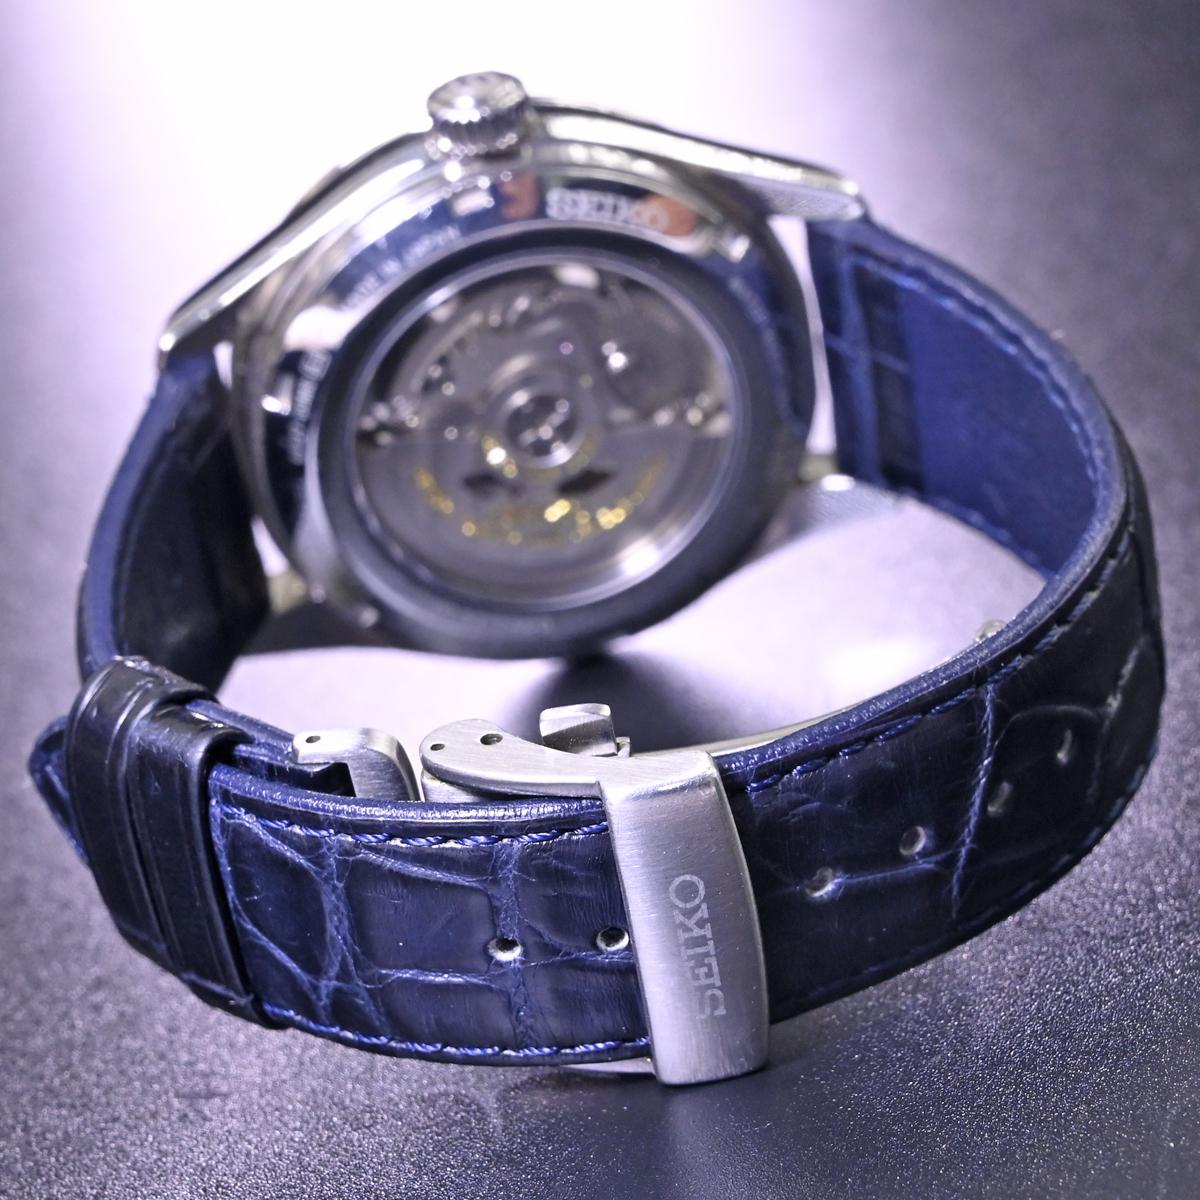 本物 美品 セイコー 限定品 SARW039 エナメル七宝文字盤 メカニカル プレサージュ メンズウォッチ 男性用自動巻腕時計 保証書 取説付 SEIKO_画像7